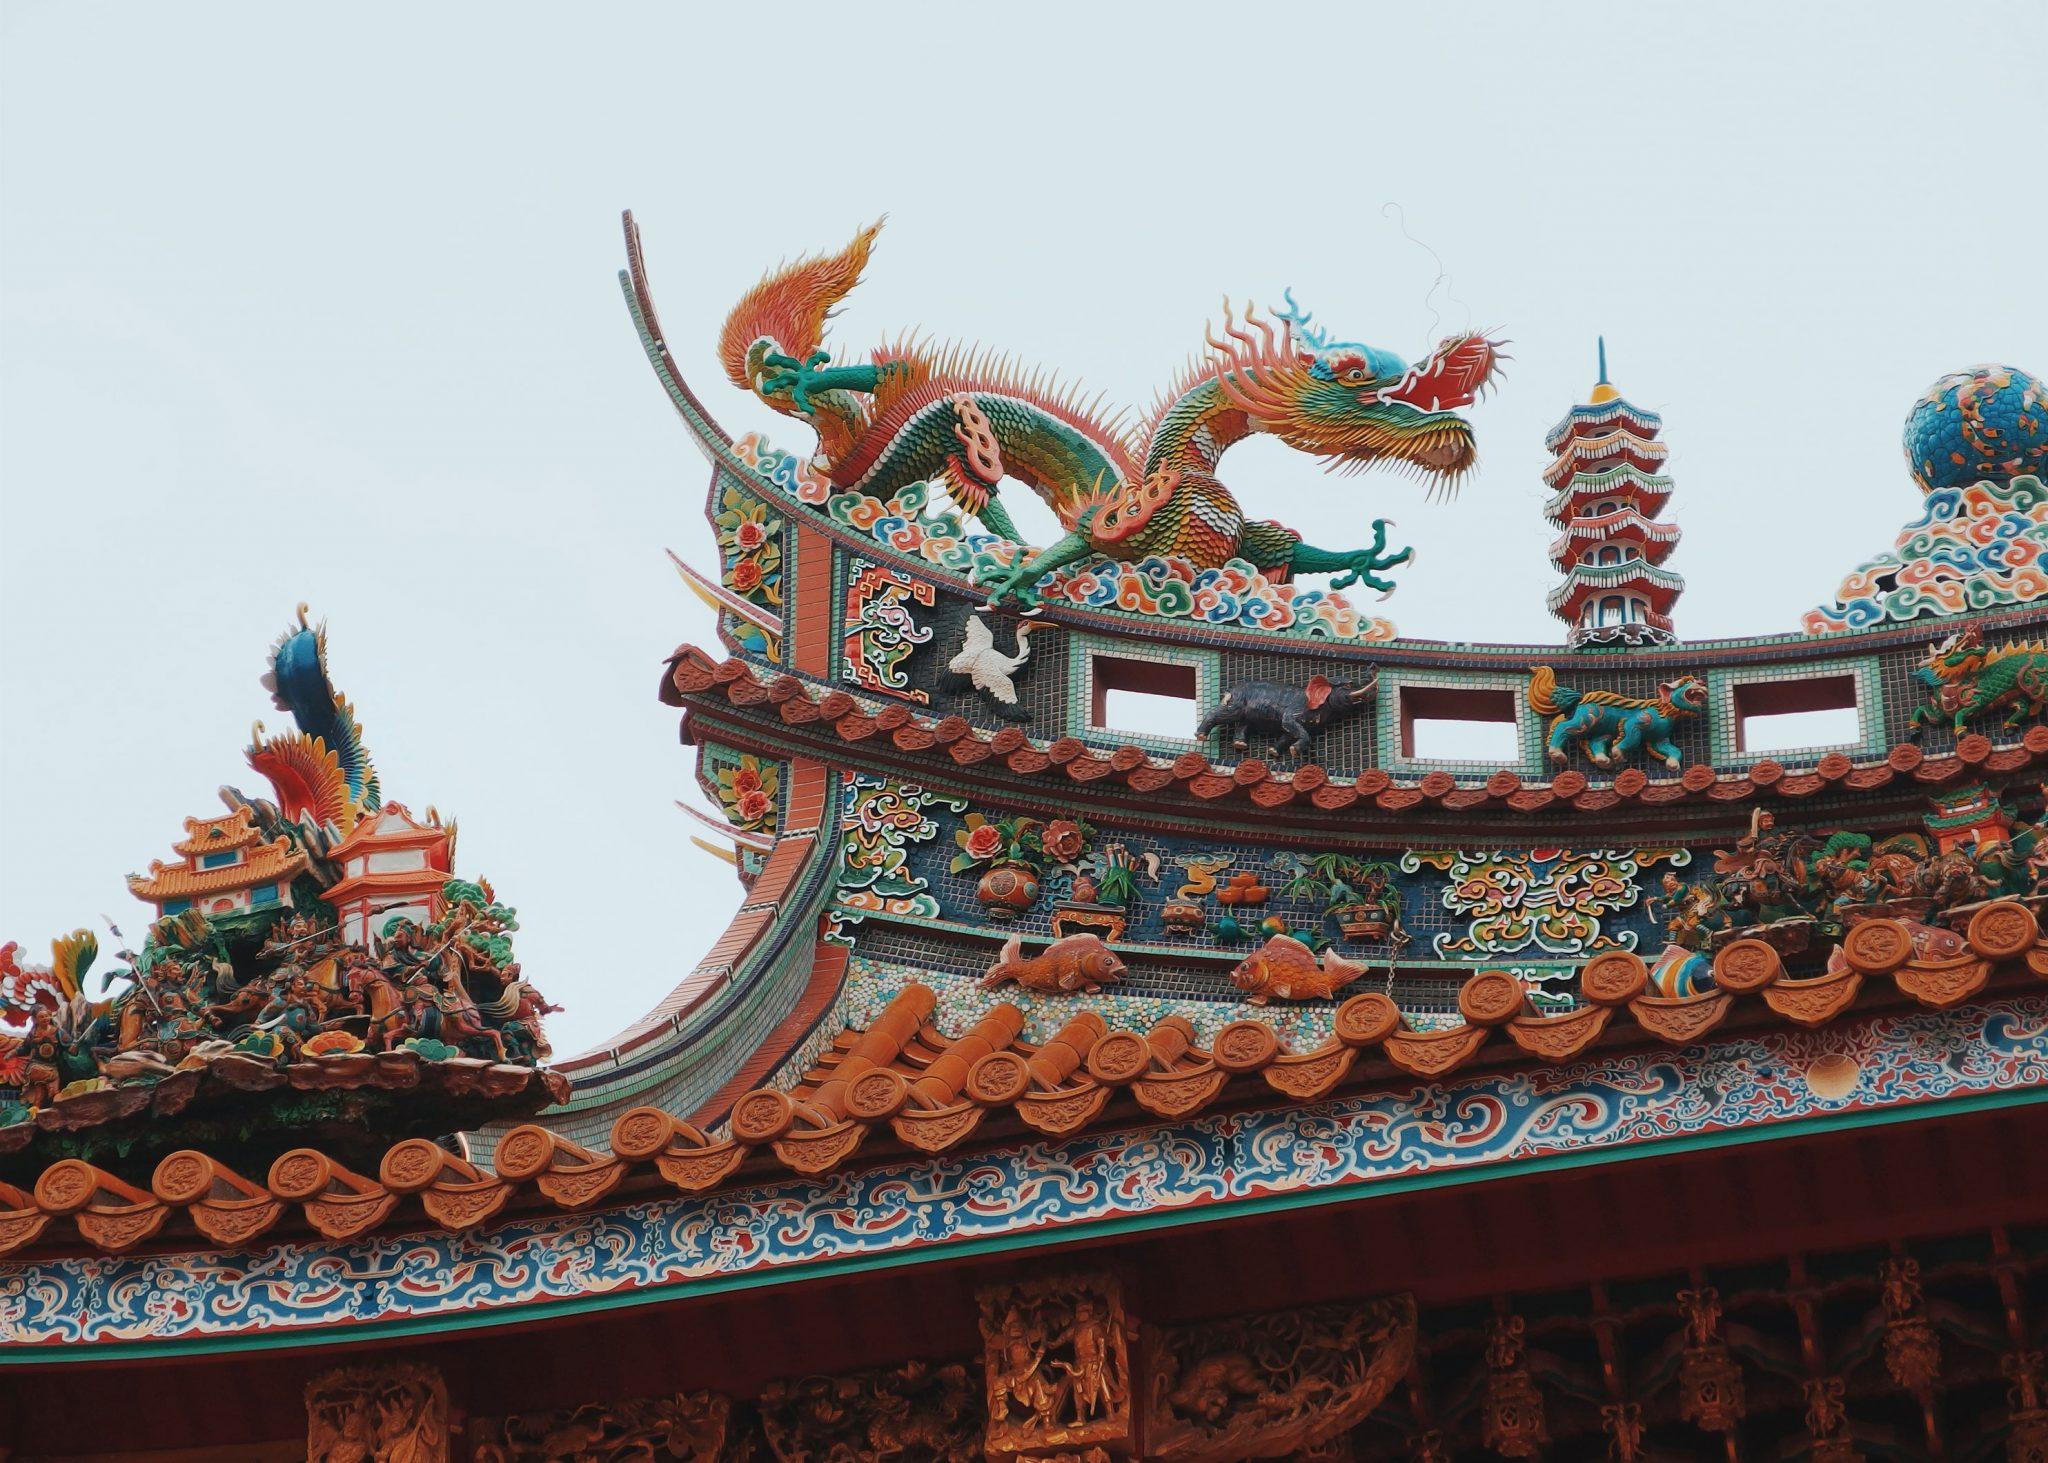 Värikäs temppeli jonka katolla on lohikäärmepatsas